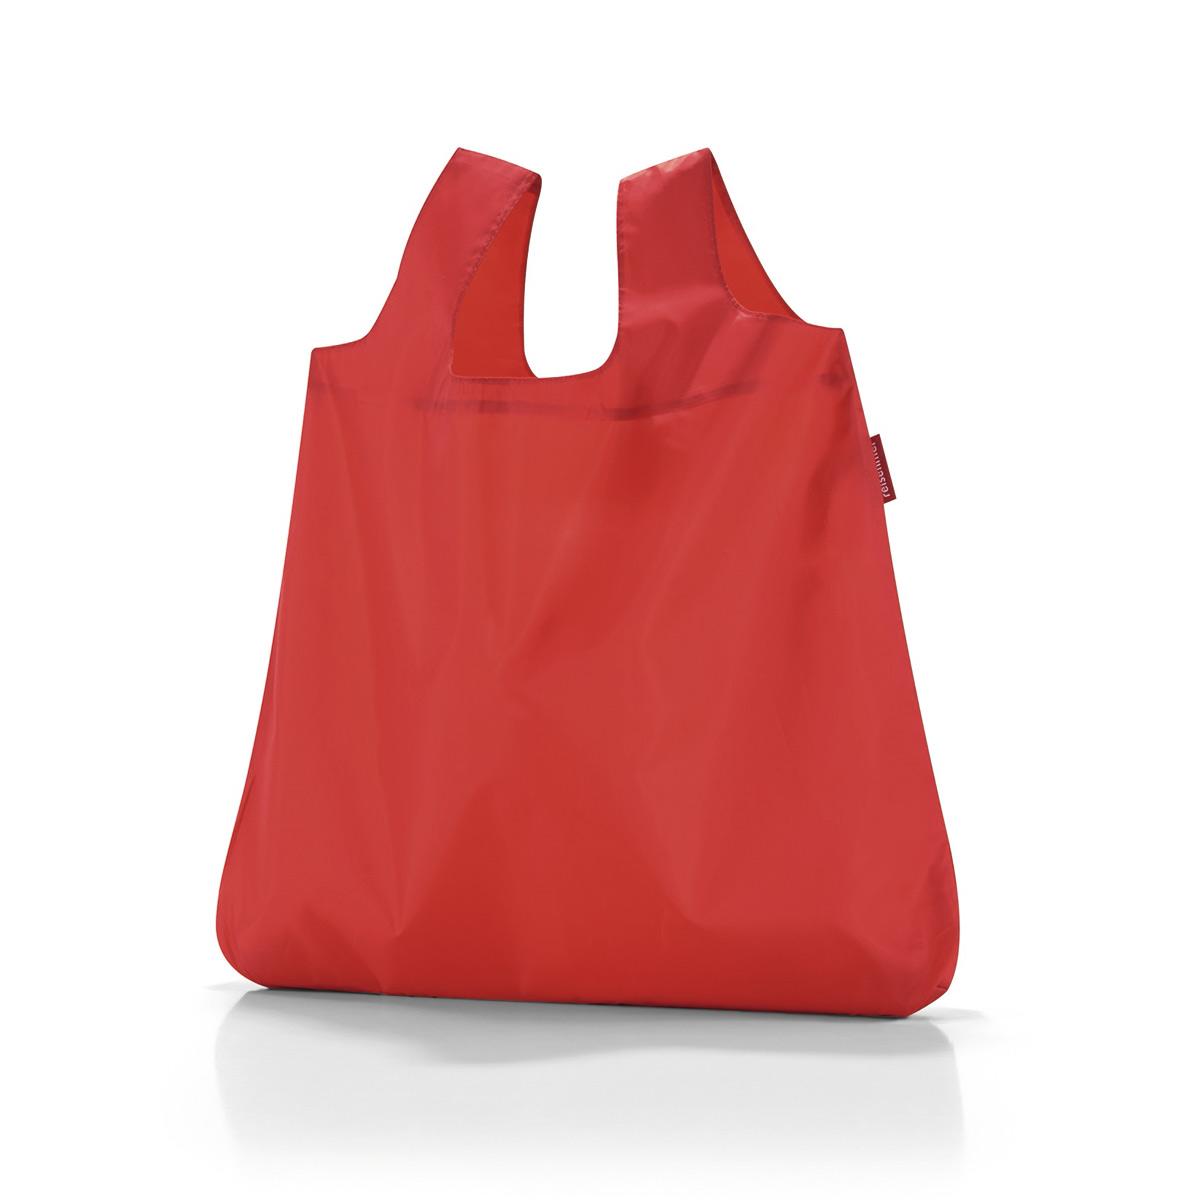 Сумка складная женская Reisenthel Mini maxi shopper red, цвет: красный. AO3004AO3004В европейских странах люди давно отказались от одноразовых пластиковых пакетов ради сохранения окружающей среды. Так что абсолютно все ходят за продуктами с авоськами, одна другой симпатичнее. Последуем их примеру, тем более, что такая сумка может складываться в компактный чехольчик, который поместится куда угодно. Она вседа с вами. Объем - 15 литров. Удобные широкие ручки. Размер в сложенном состоянии - 10,5 х 5 х 2 см.